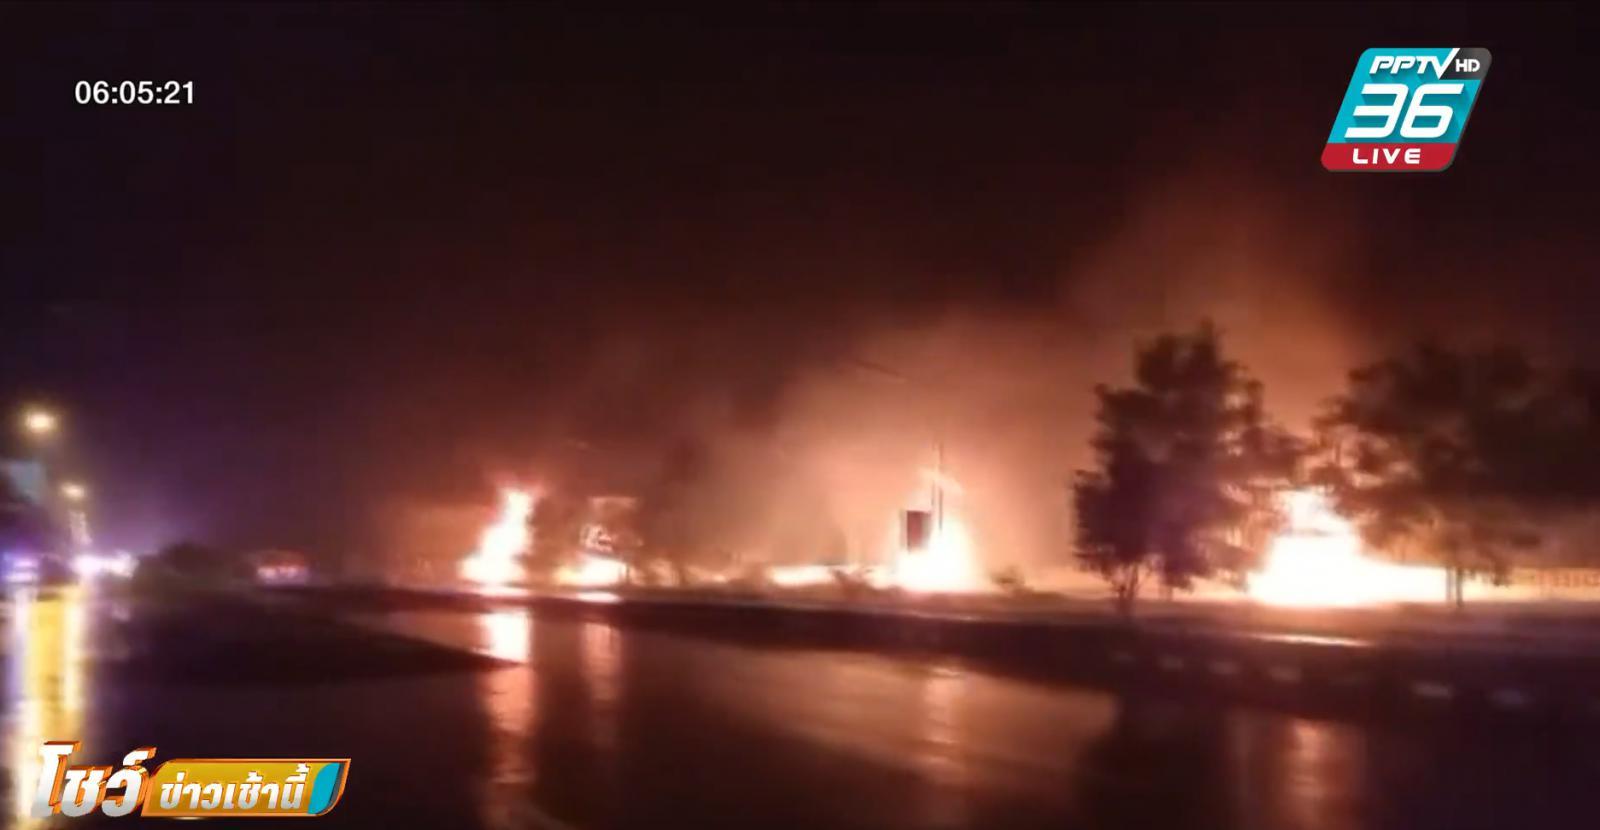 รถบรรทุกน้ำมันชนรถพ่วง 18 ล้อ เปลวเพลิงลุกลามบ้านเรือน